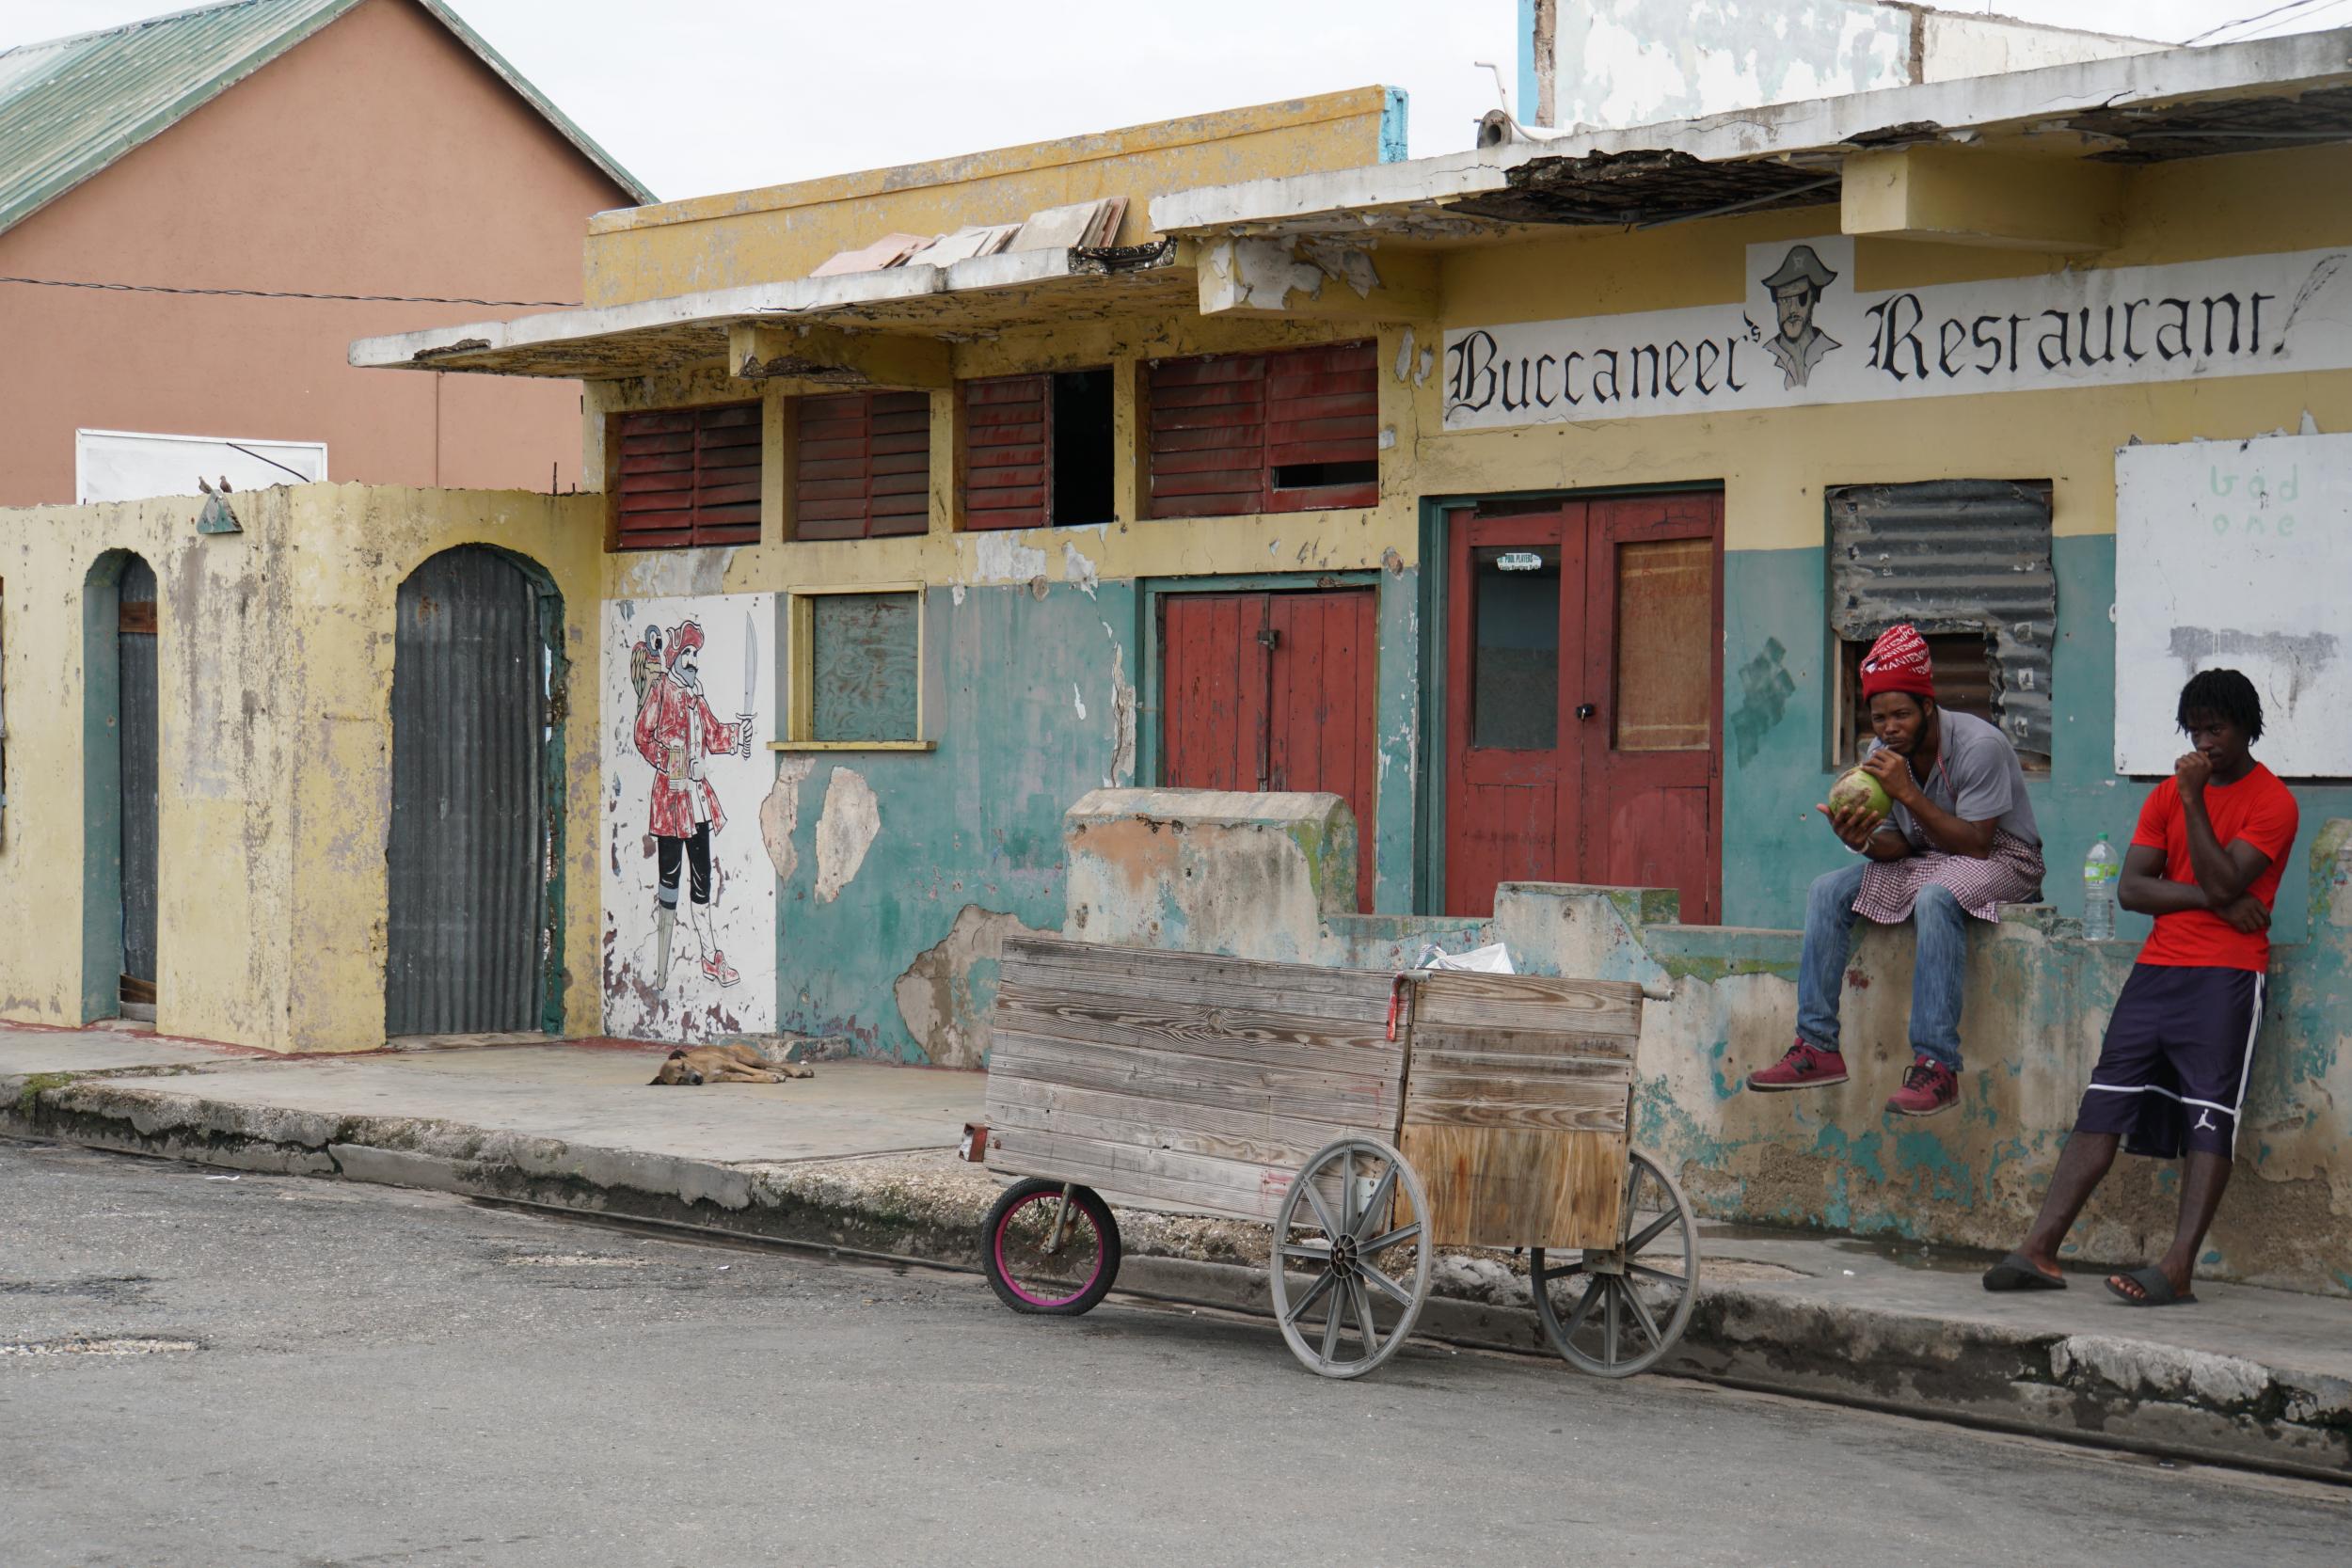 33. Buccaneer Restaurant